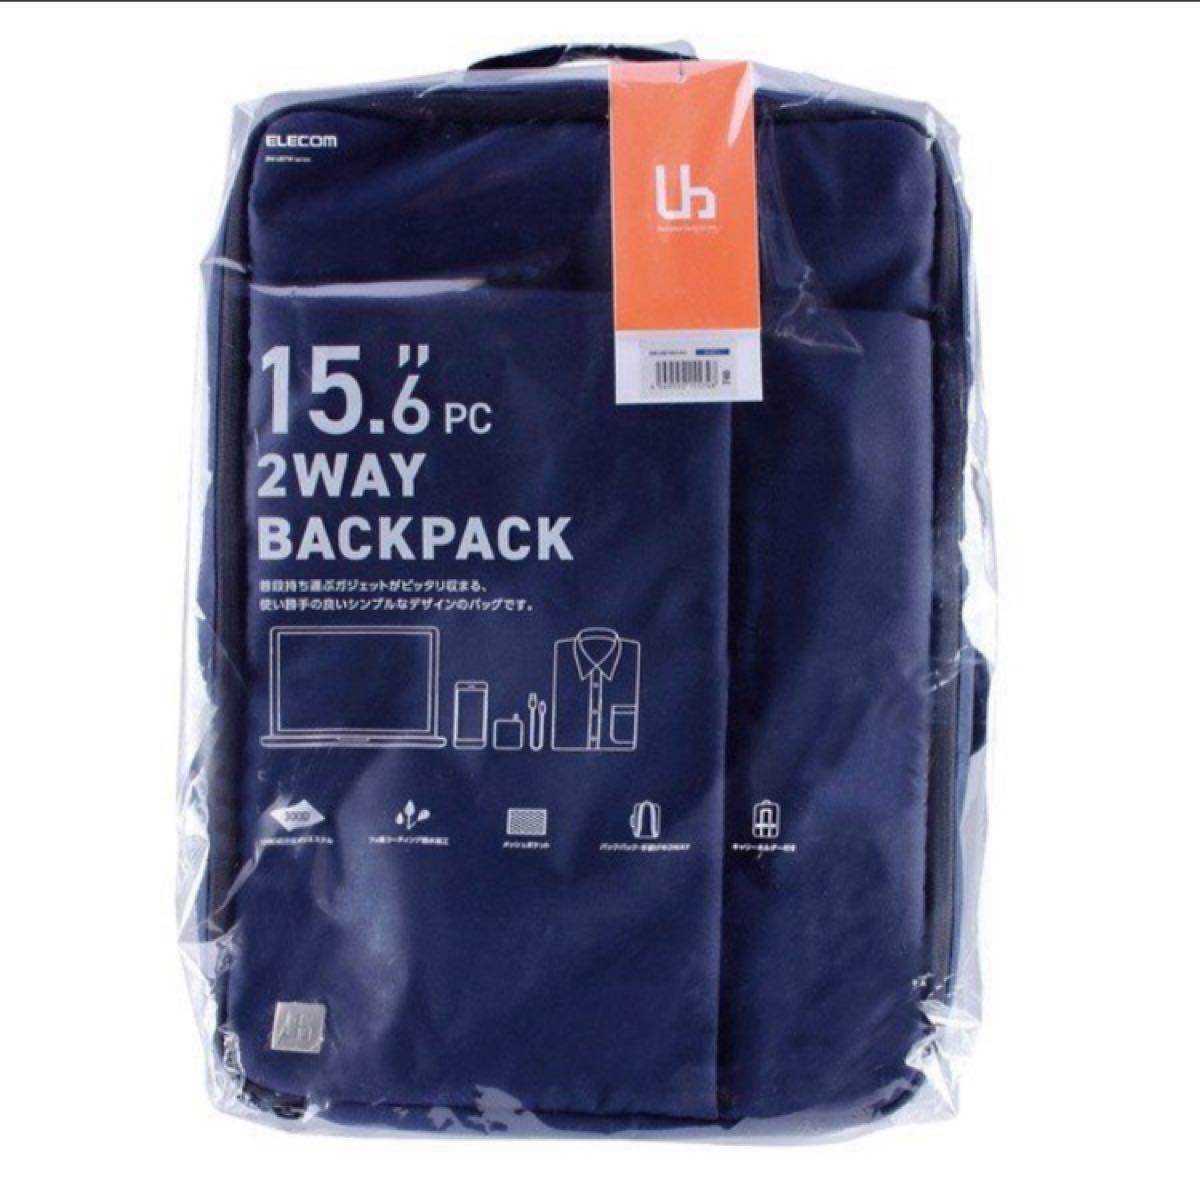 ビジネスリュック バックパック メンズビジネスバッグ PCバッグ 大容量 2WAY エレコム ELECOM リュックサック